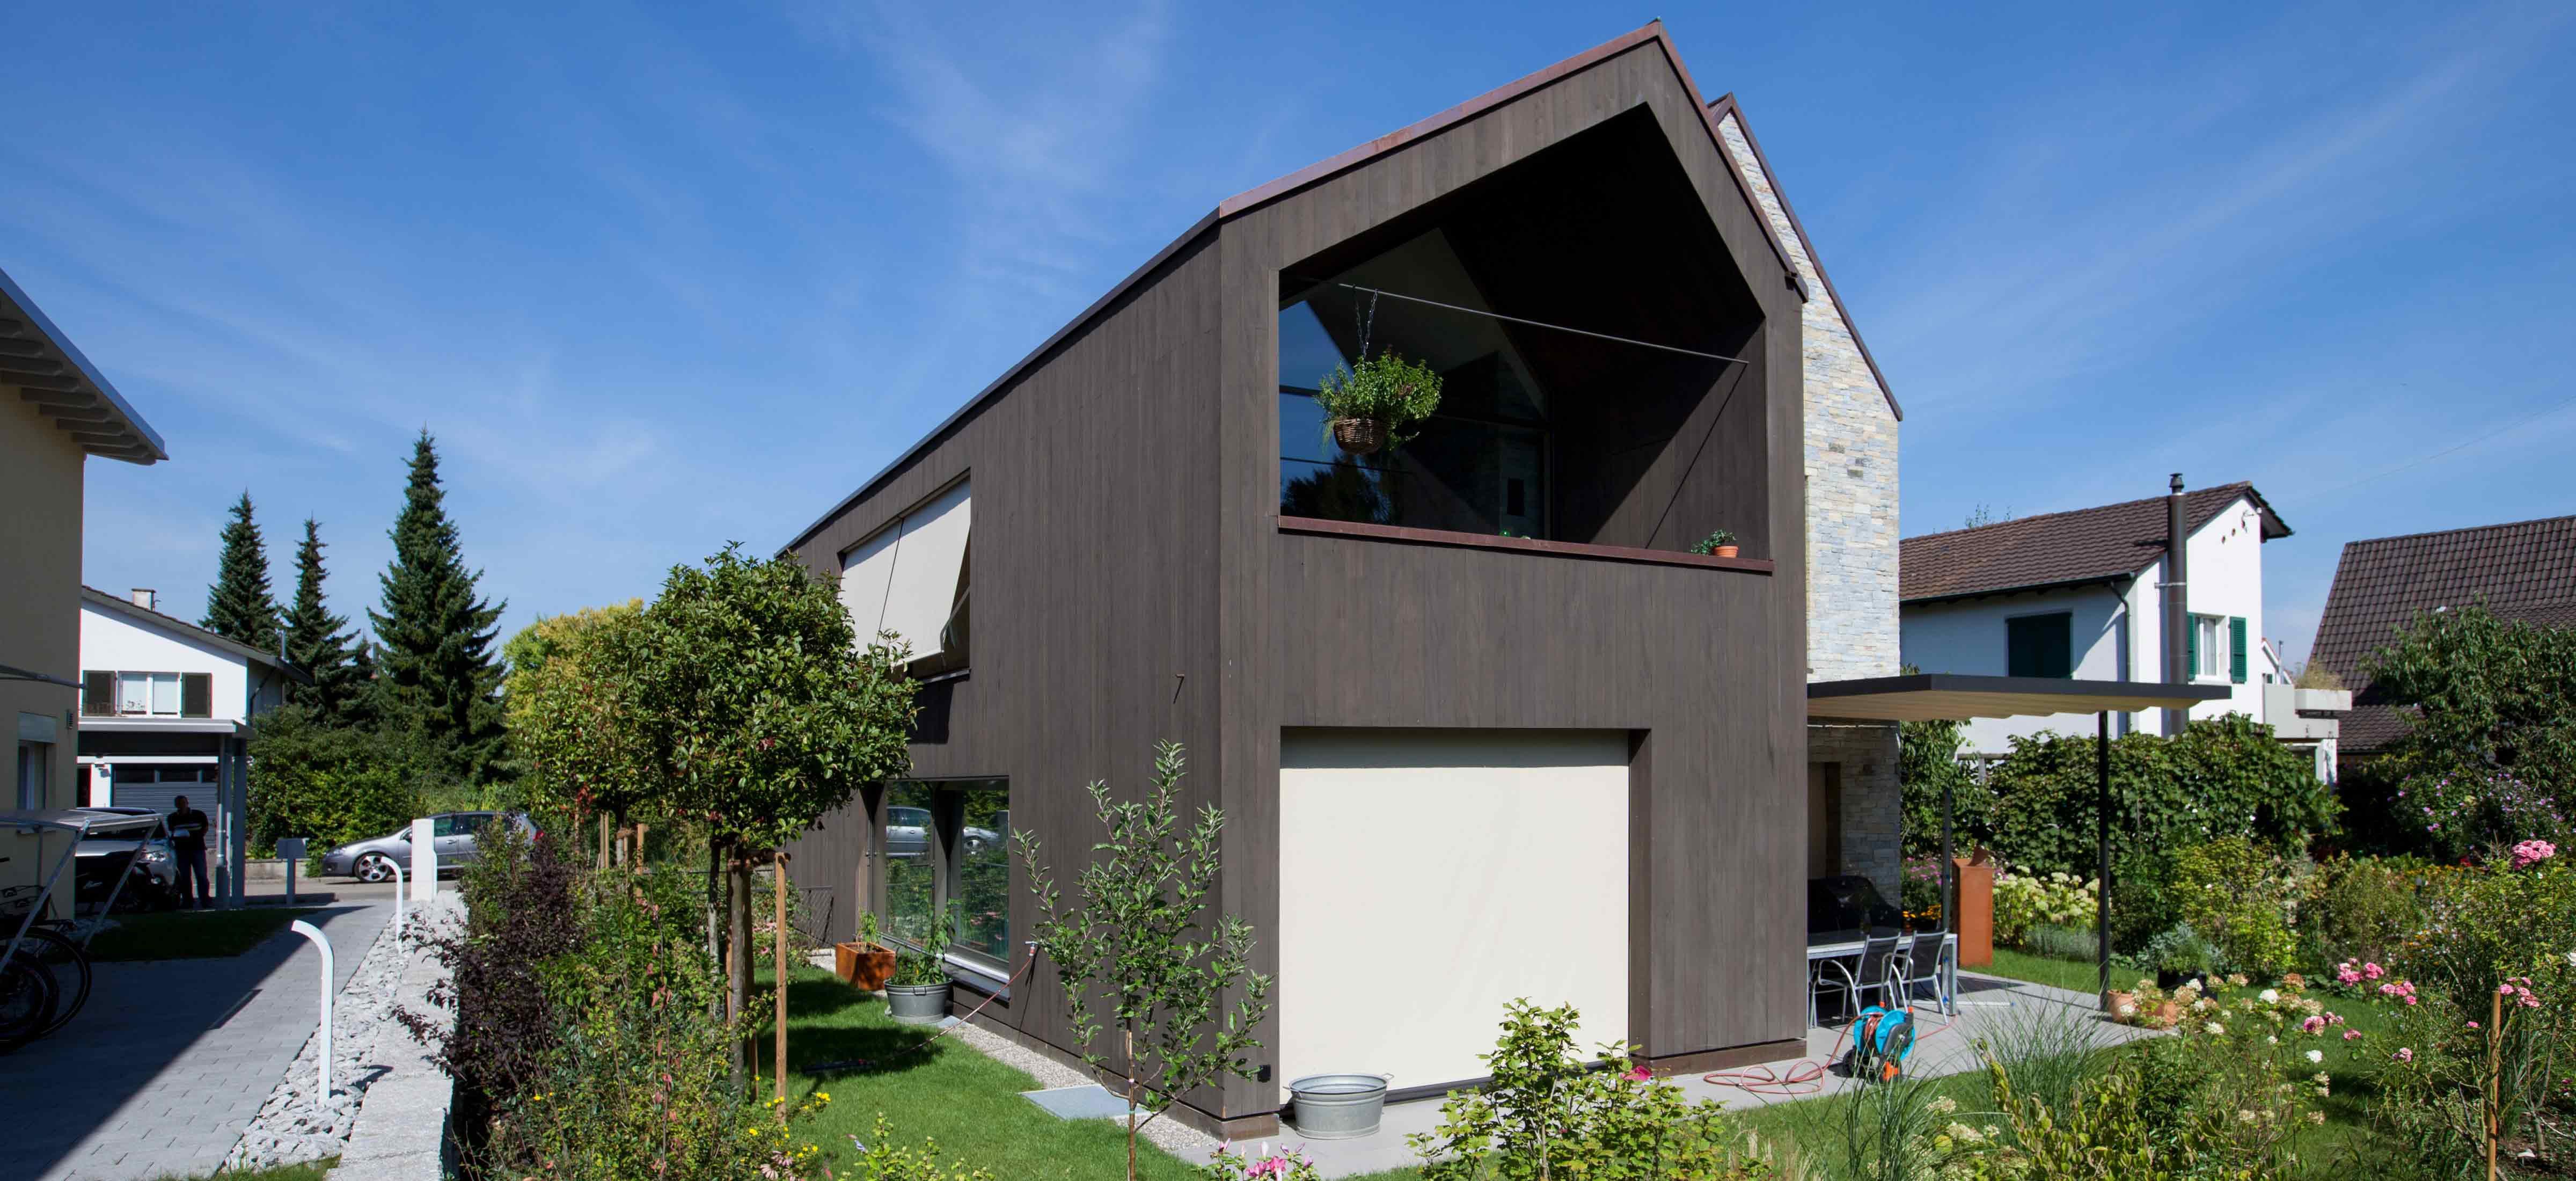 Erstellen einer Holz-Stein Fasade bei einem Einfamilienhaus in Muttenz